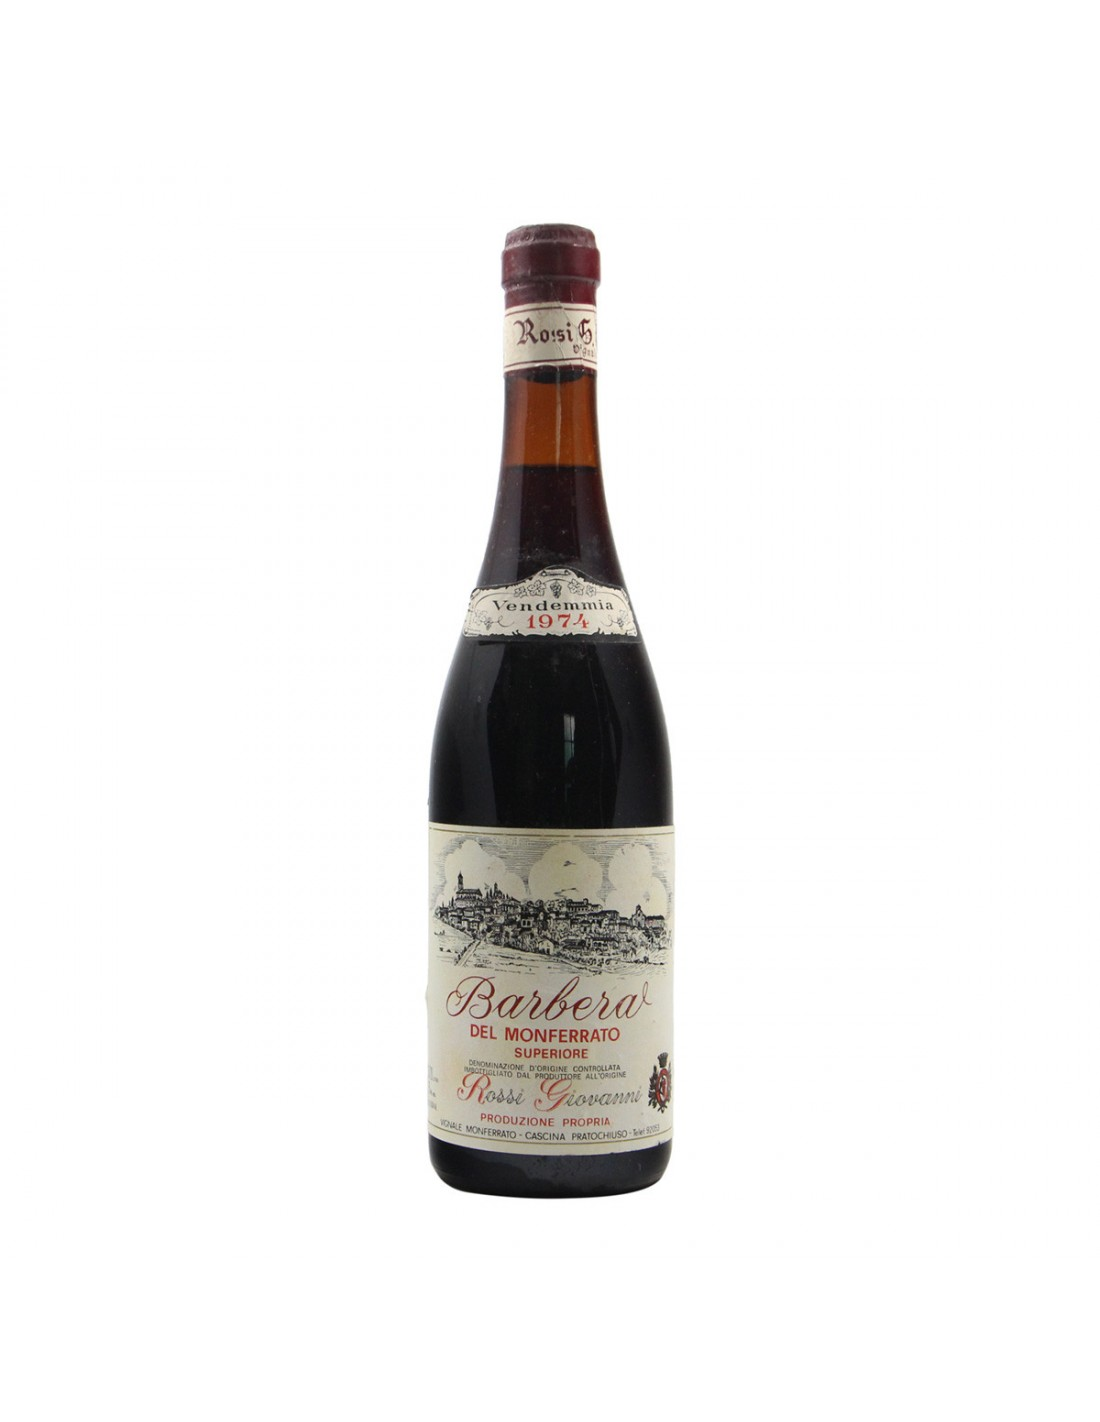 BARBERA D ASTI 1974 ROSSI GIOVANNI Grandi Bottiglie